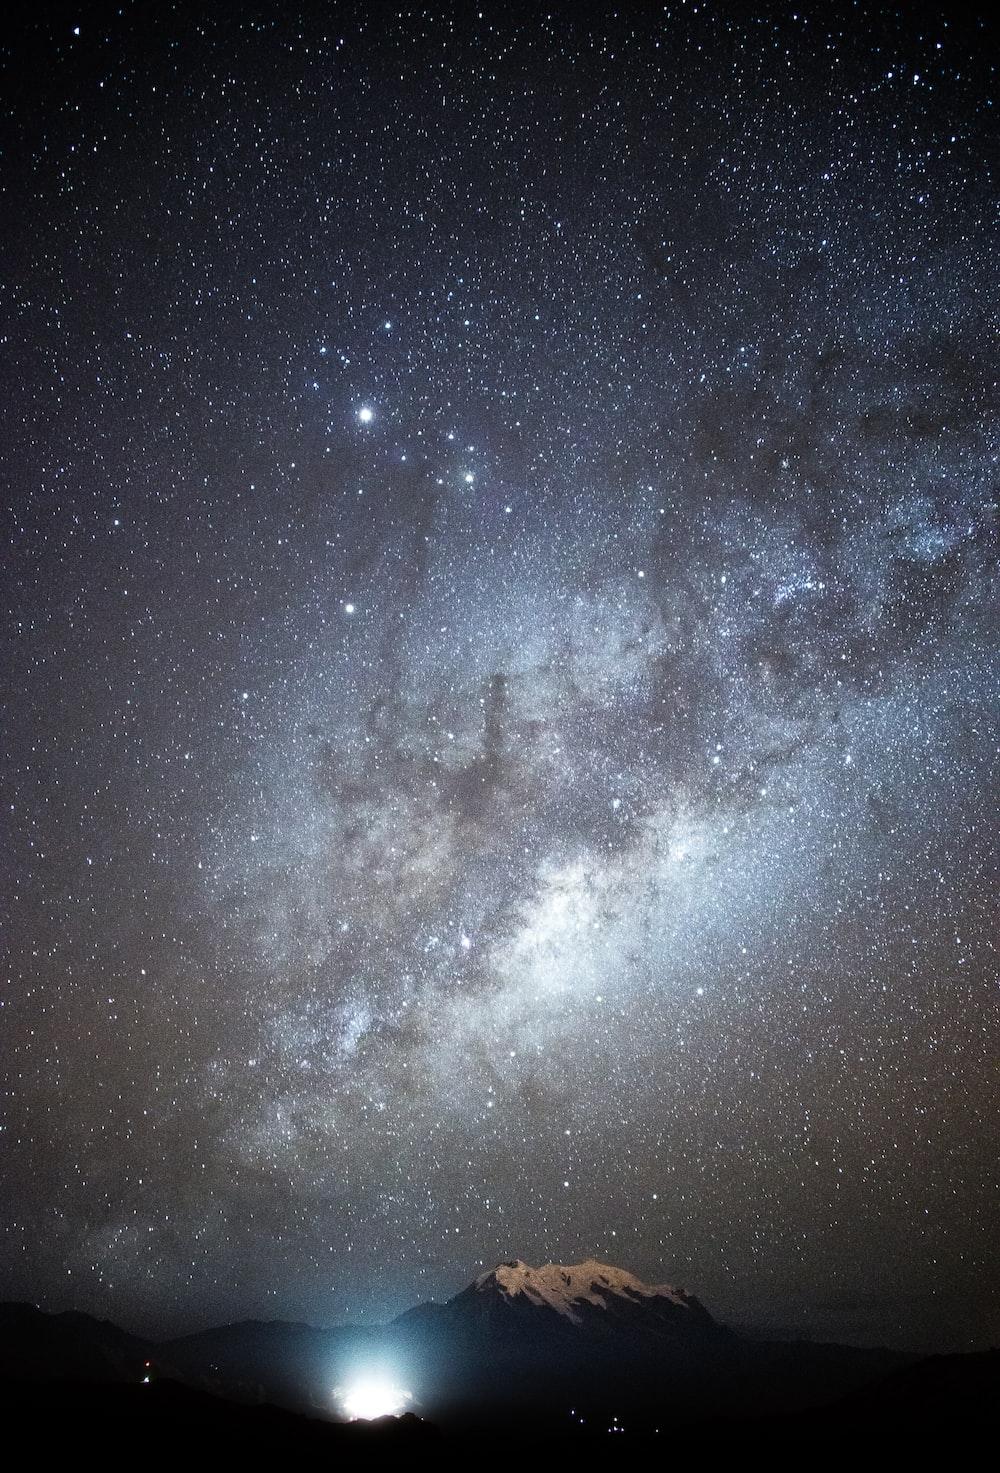 stardust on sky